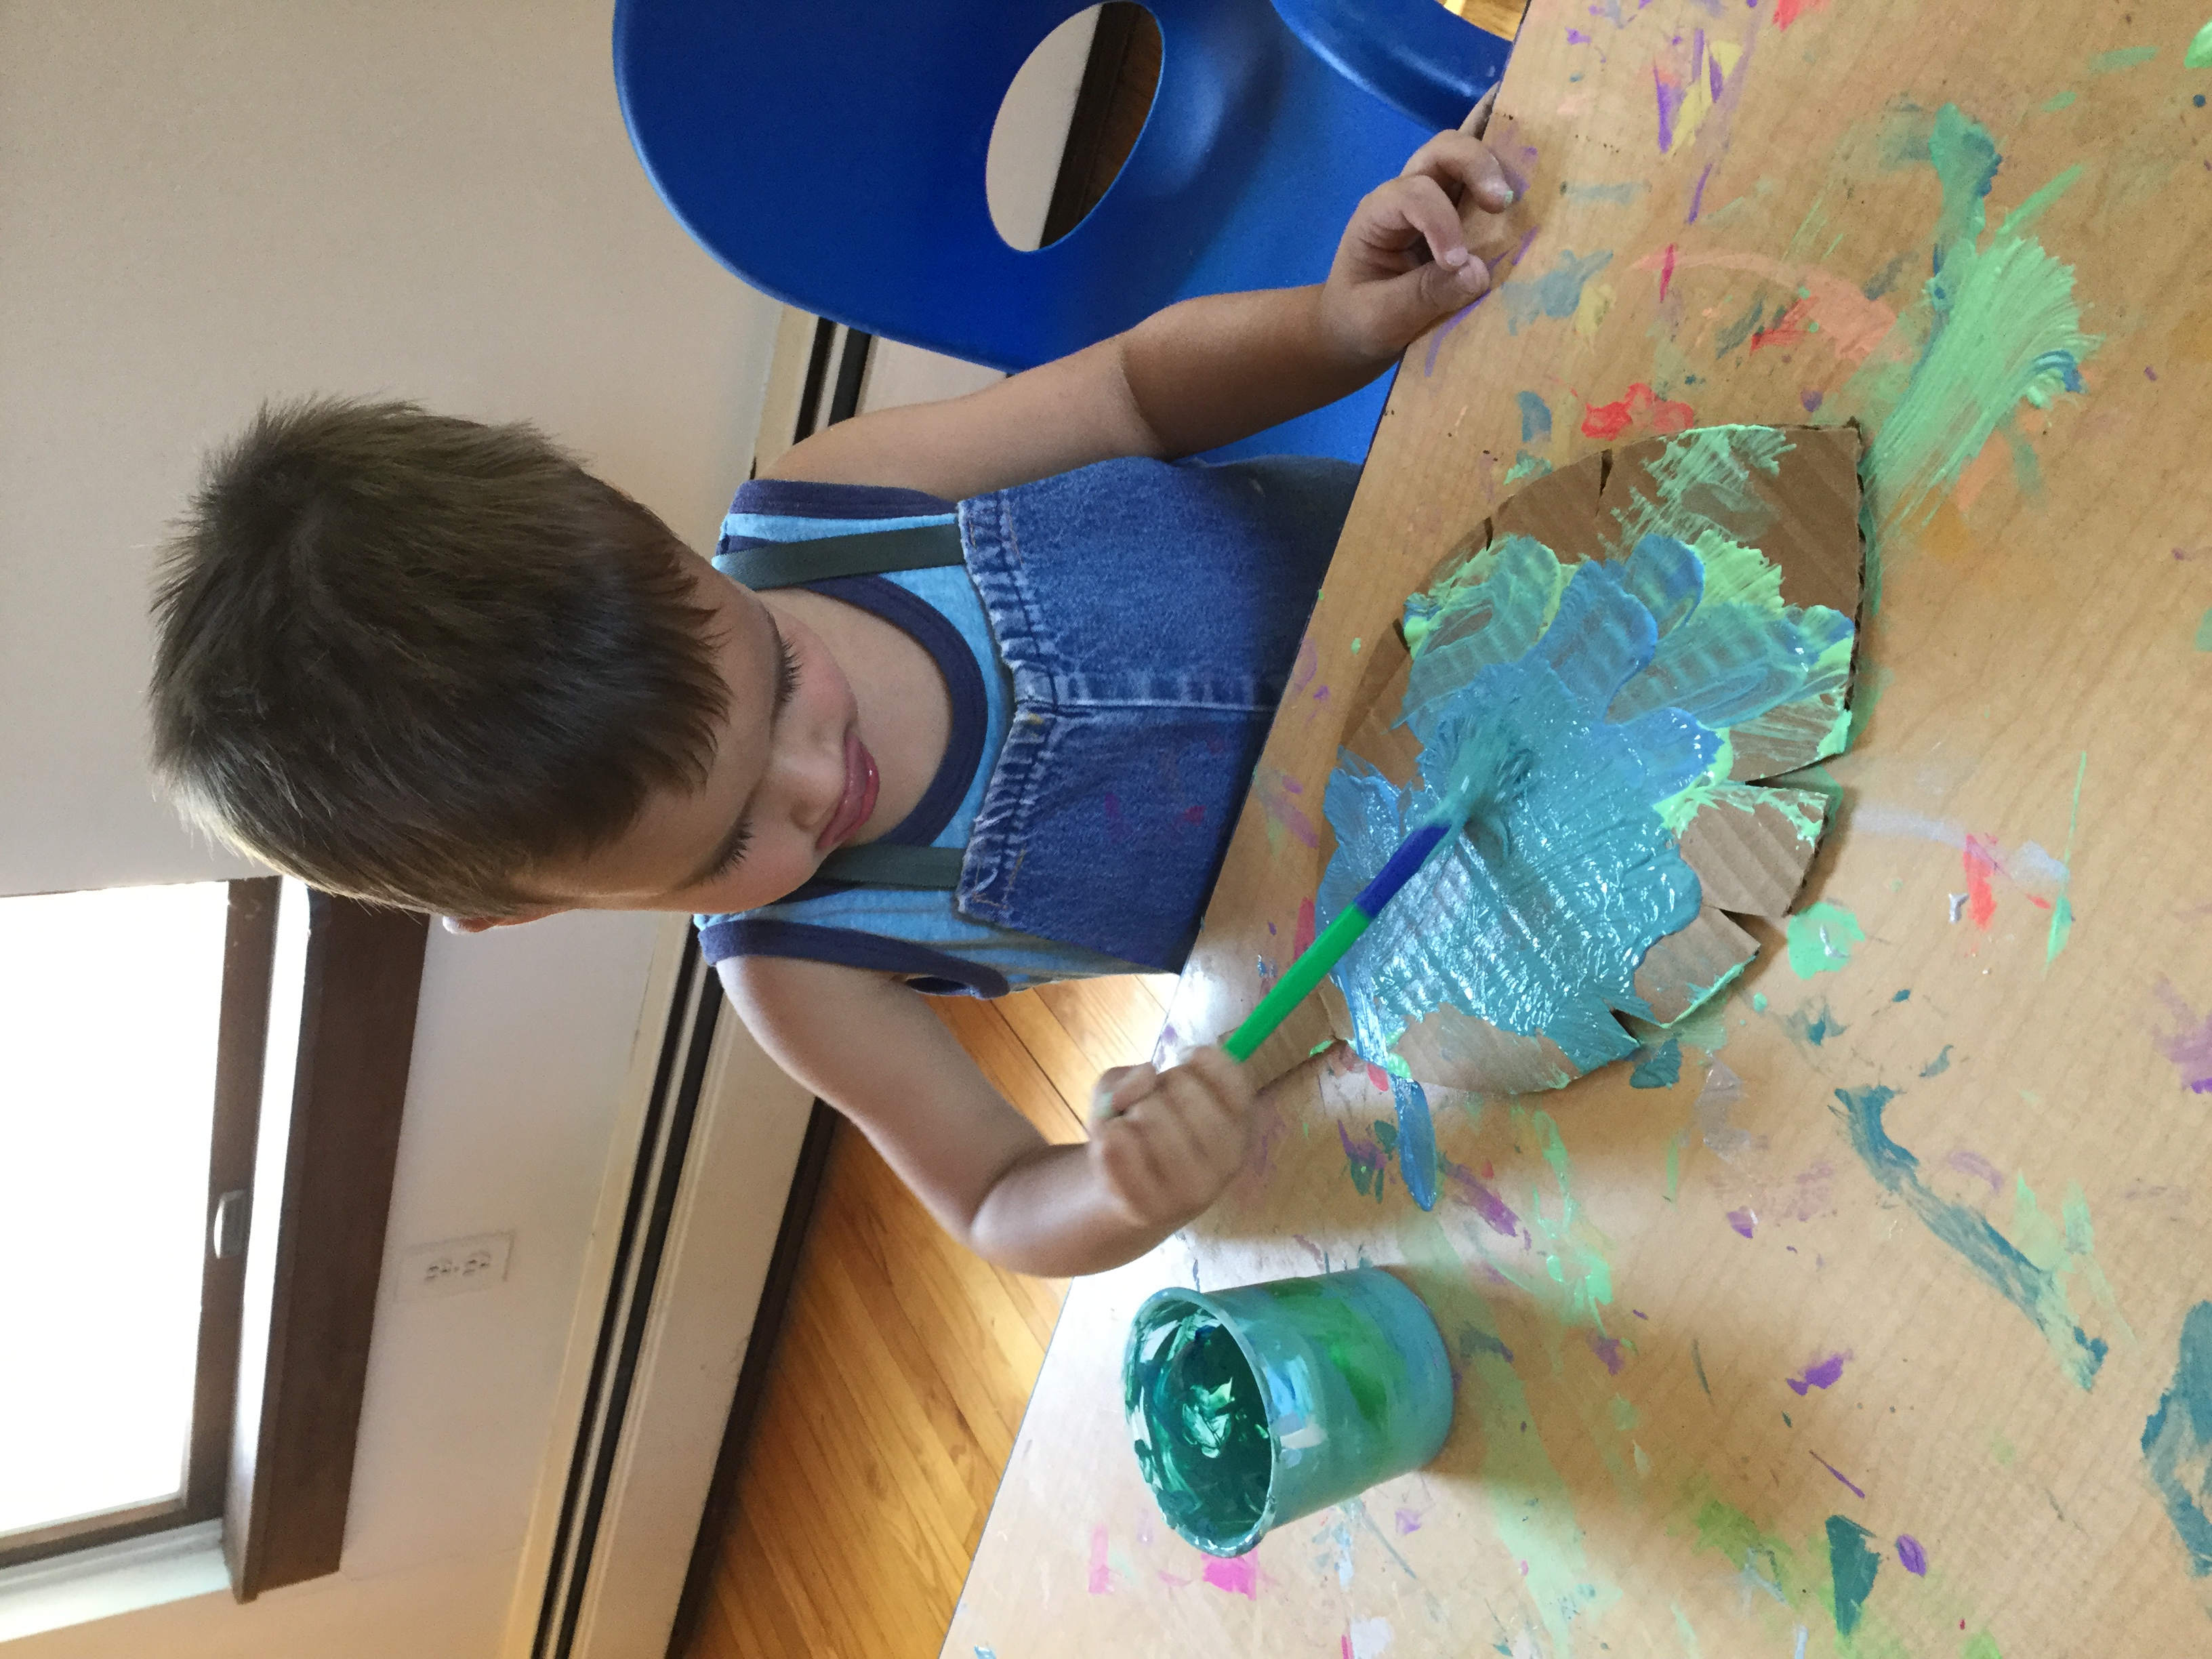 carson in art studio